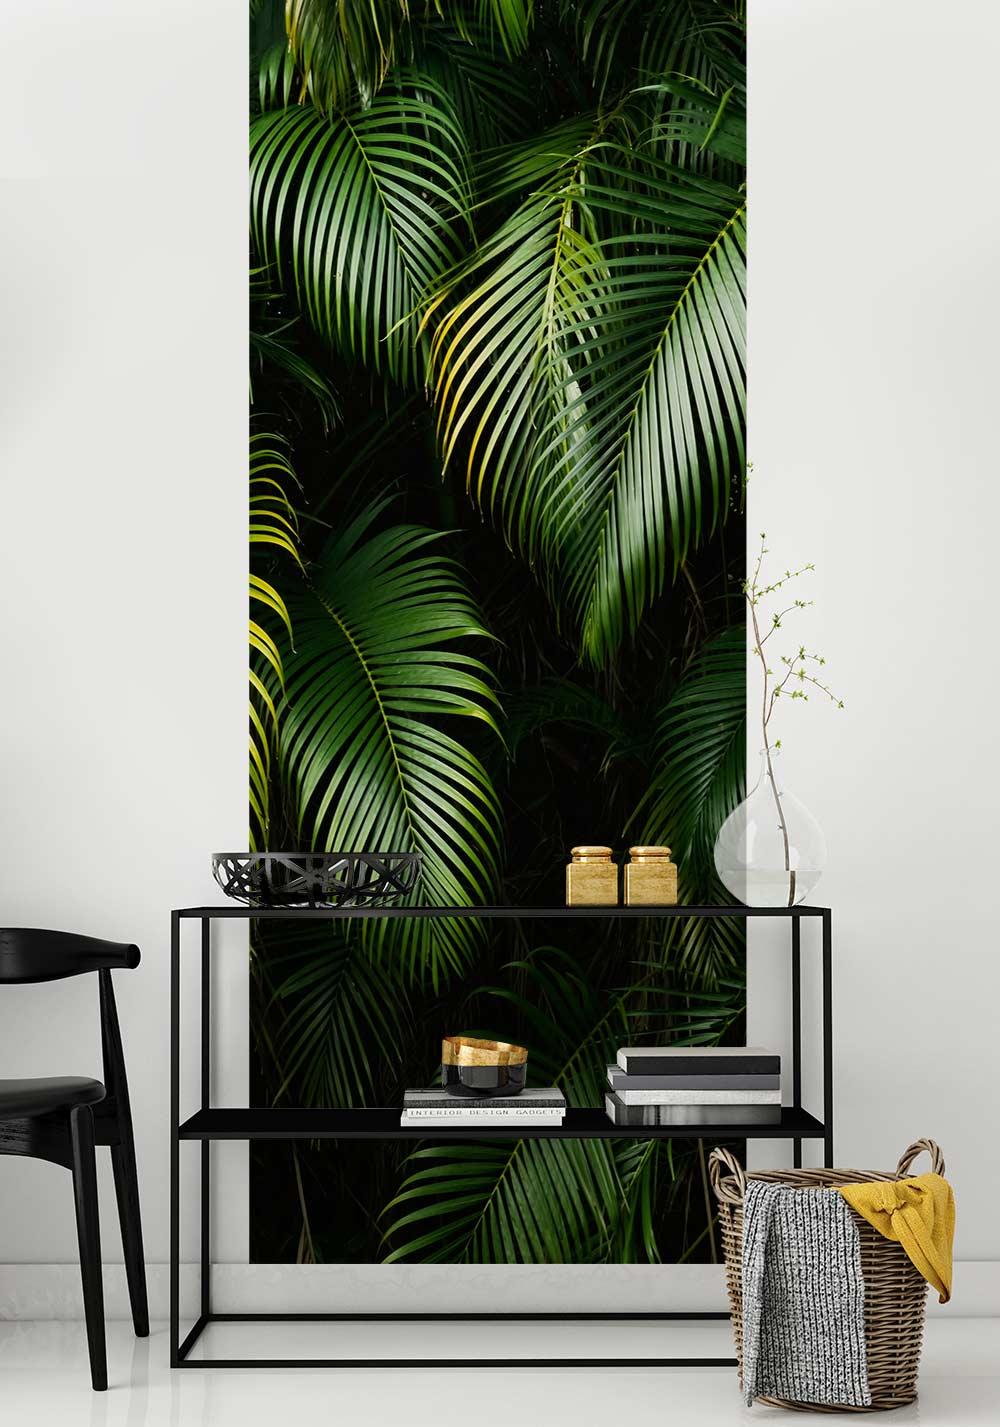 tendance urban jungle quel tableau moderne blog toile design et moderne d 39 izoa. Black Bedroom Furniture Sets. Home Design Ideas